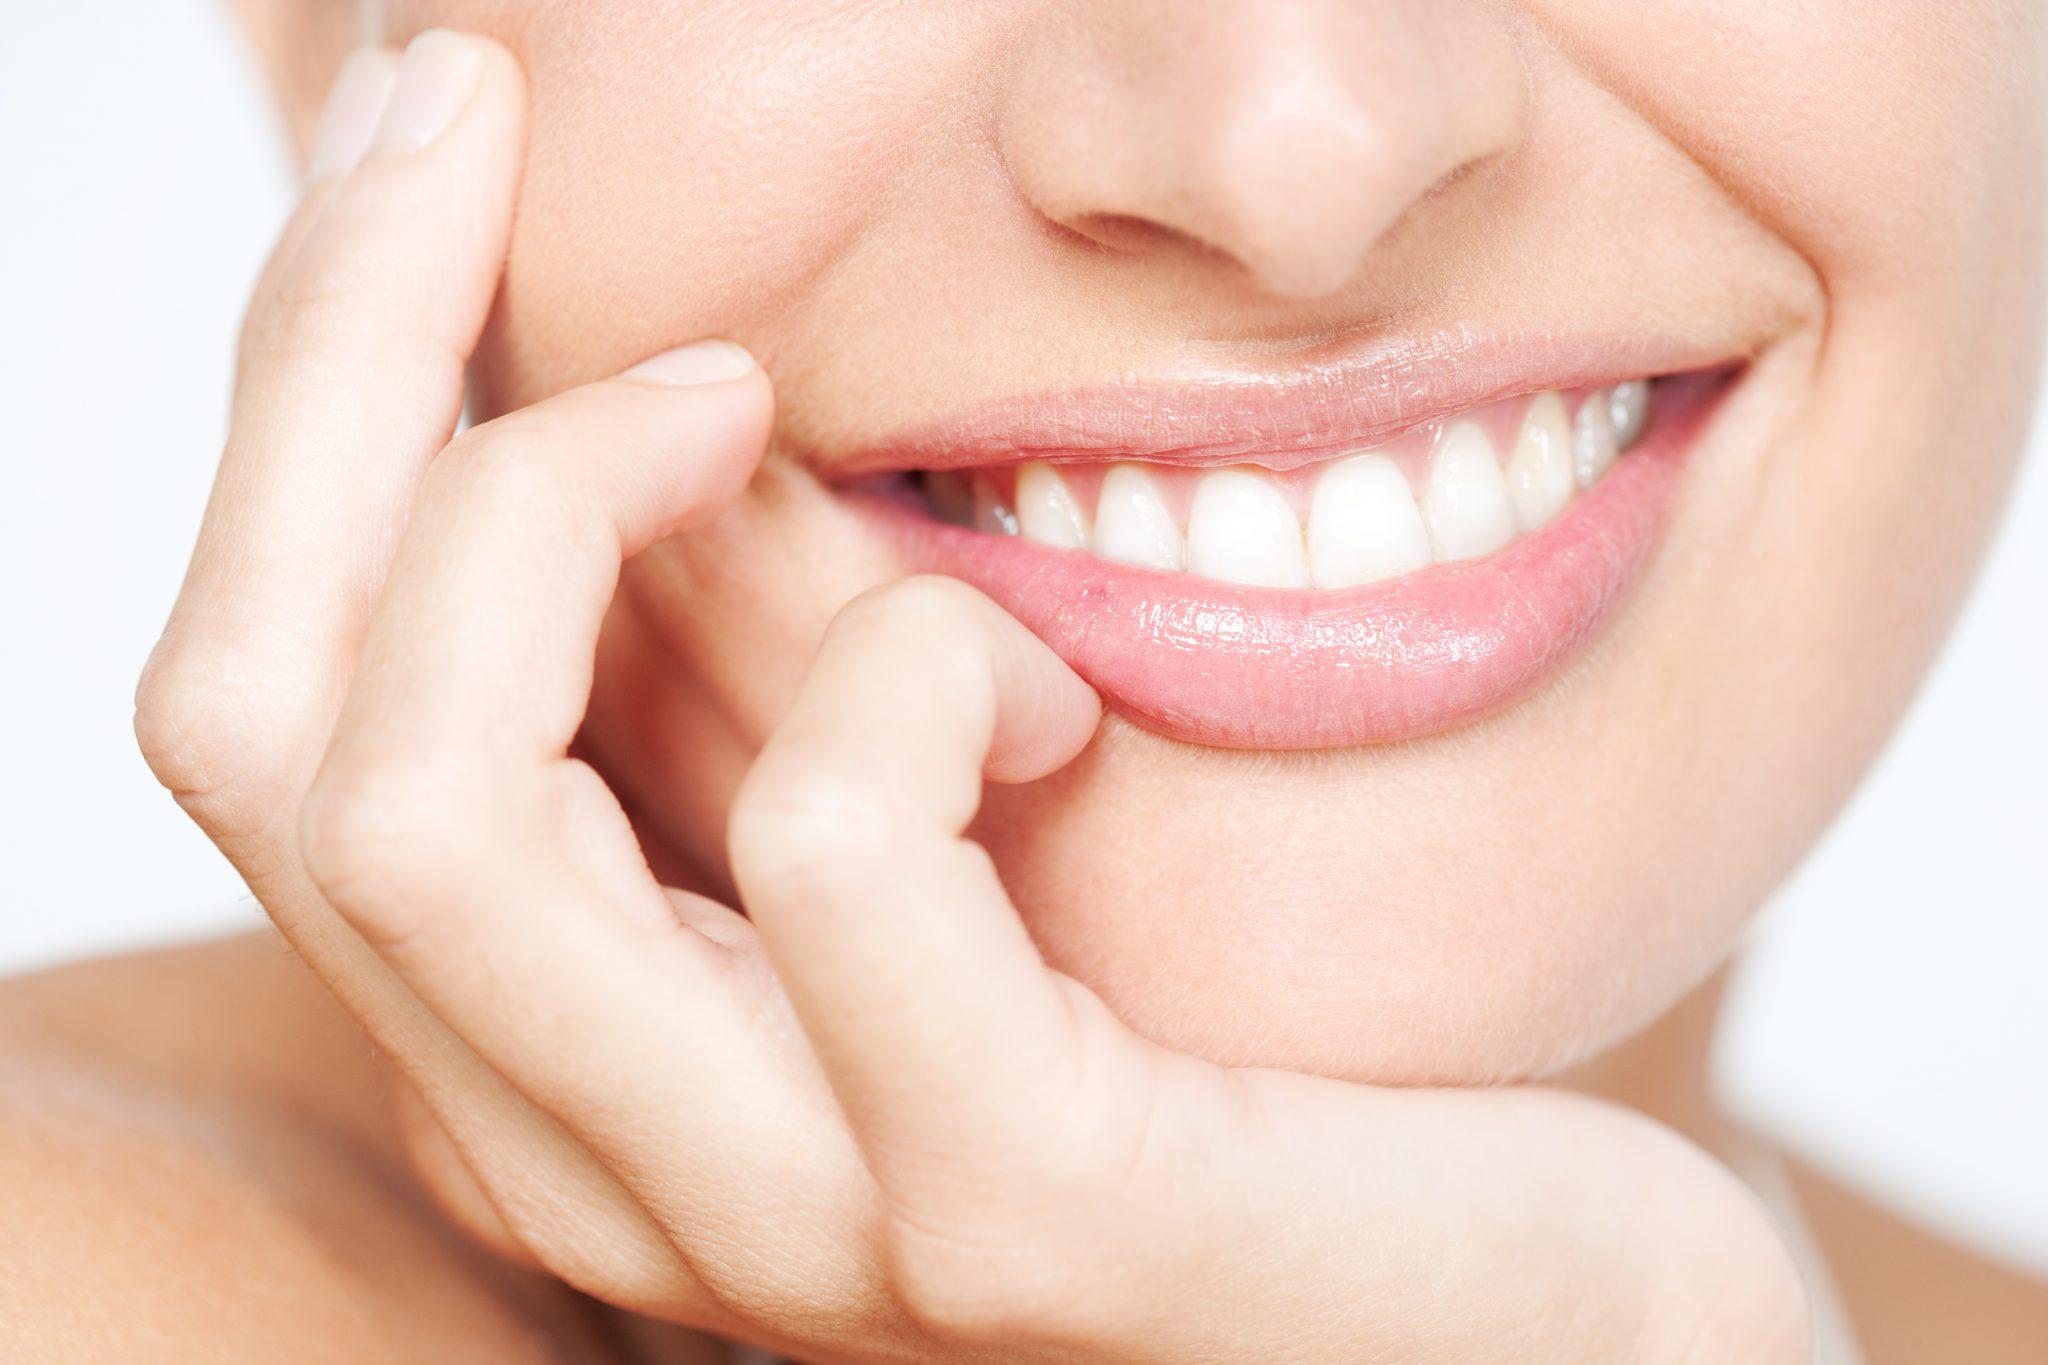 Zahnimplantate: Stabile Basis für hochwertigen Zahnersatz   MKG Nürnberg, Dr. Dr. Zikarsky & Kollegen